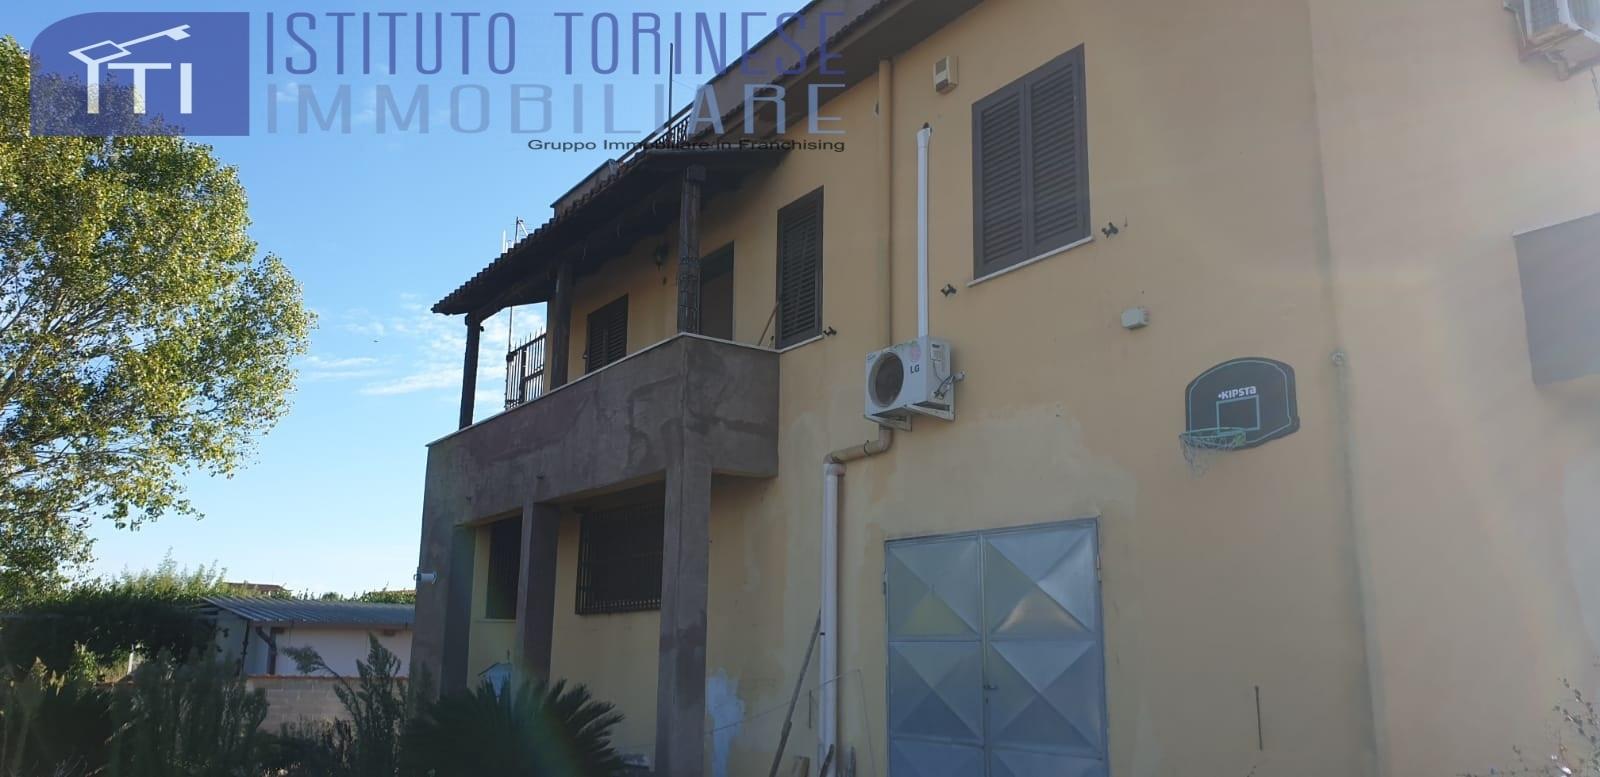 ardea vendita quart: nuova florida istituto torinese immobiliare